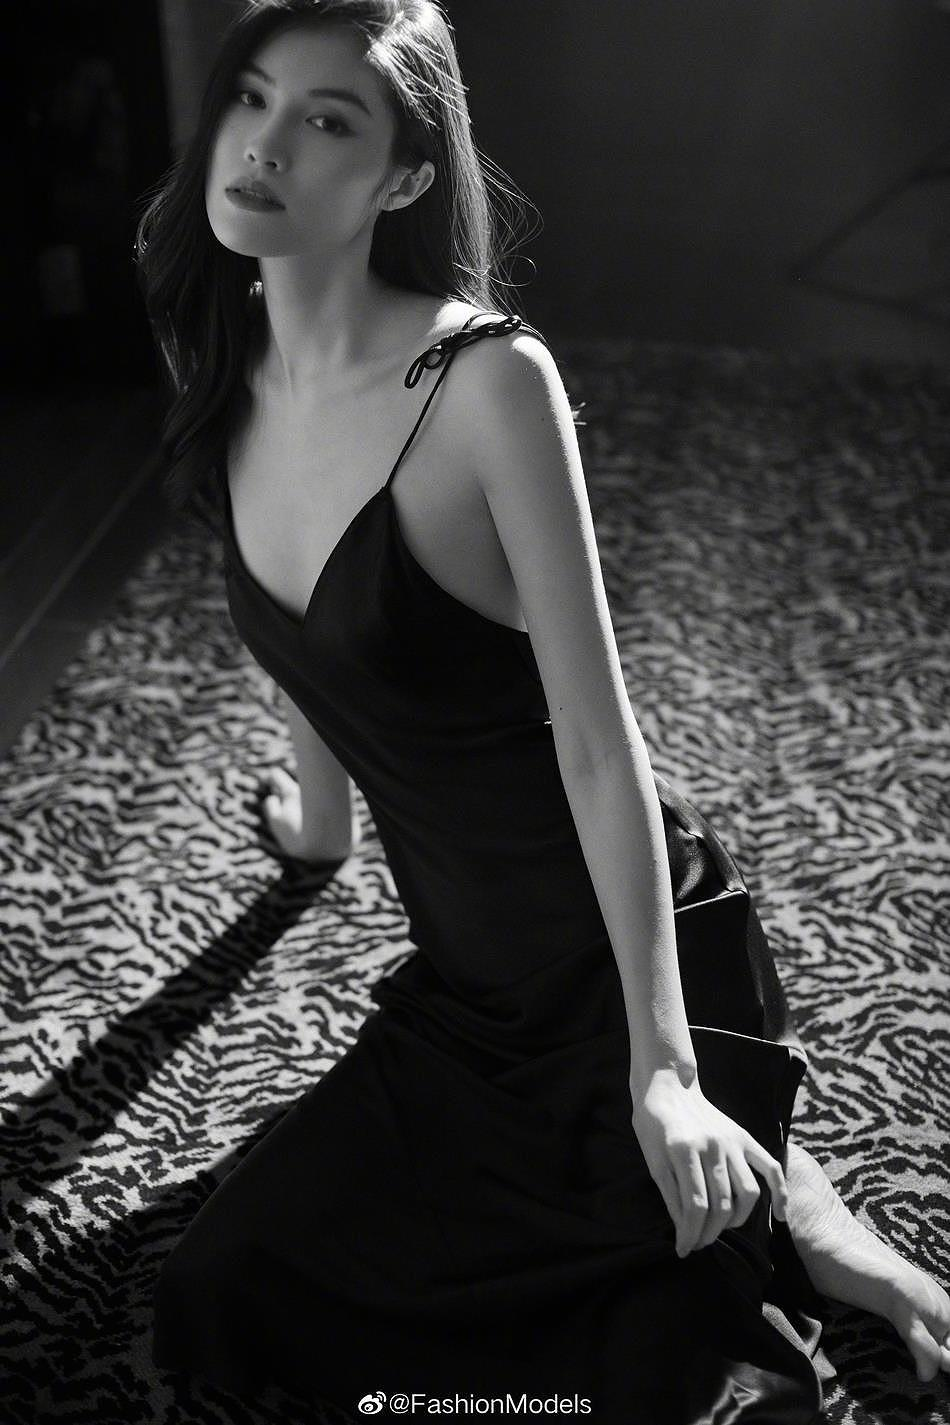 Siêu mẫu Victoria's Secret gốc Á mặc nội y ren, khoe lưng trần gợi cảm Ảnh 1